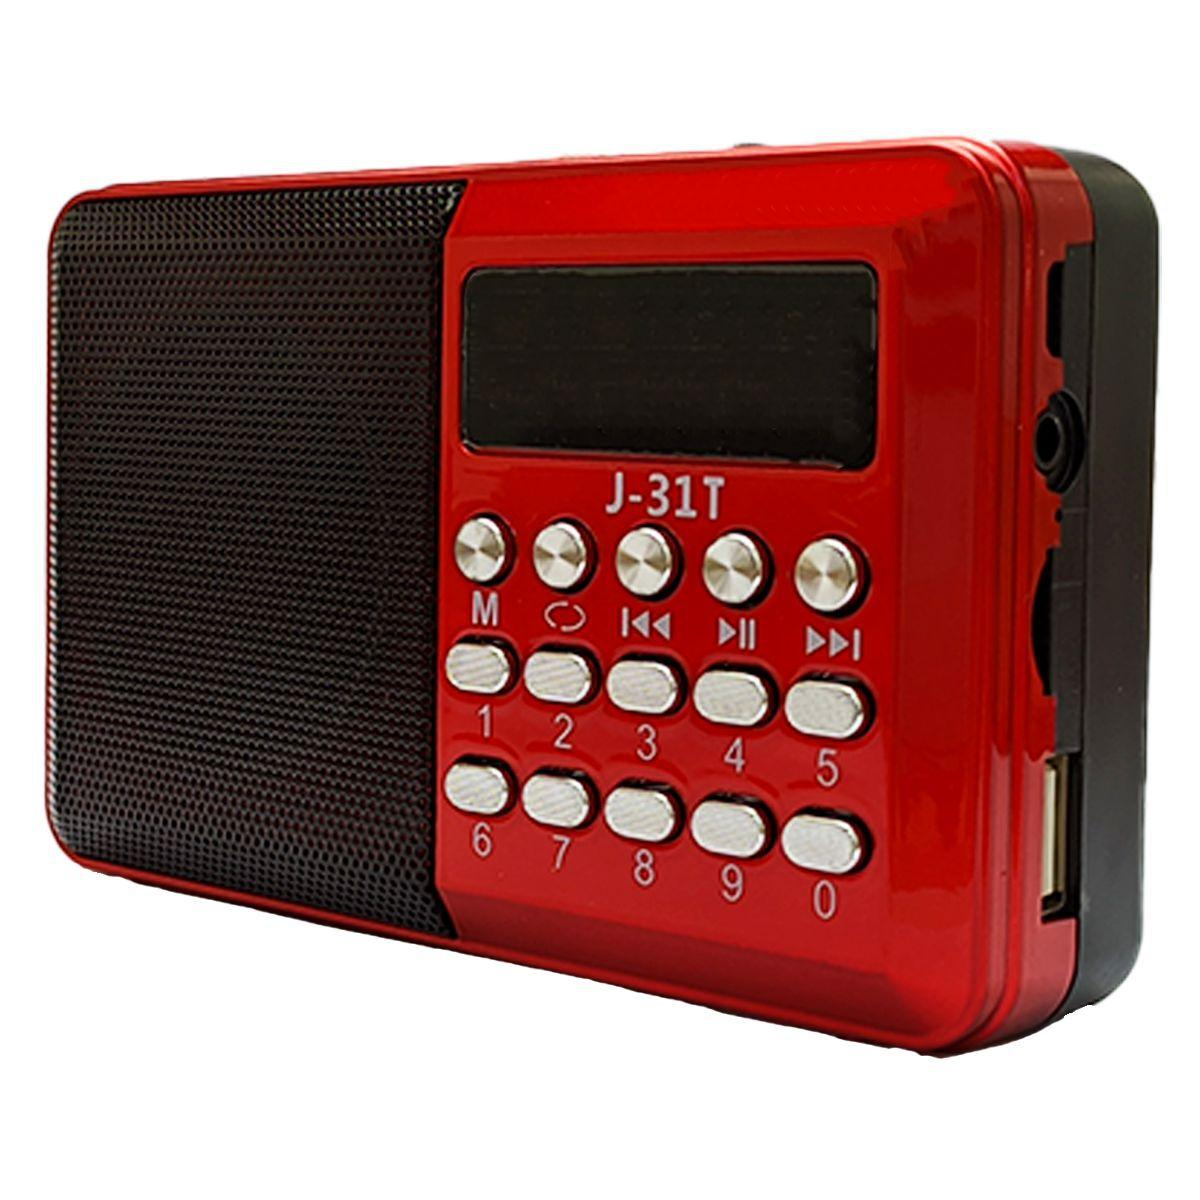 Rádio com Bluetooth Entrada para Cartão Pen Drive J-31T